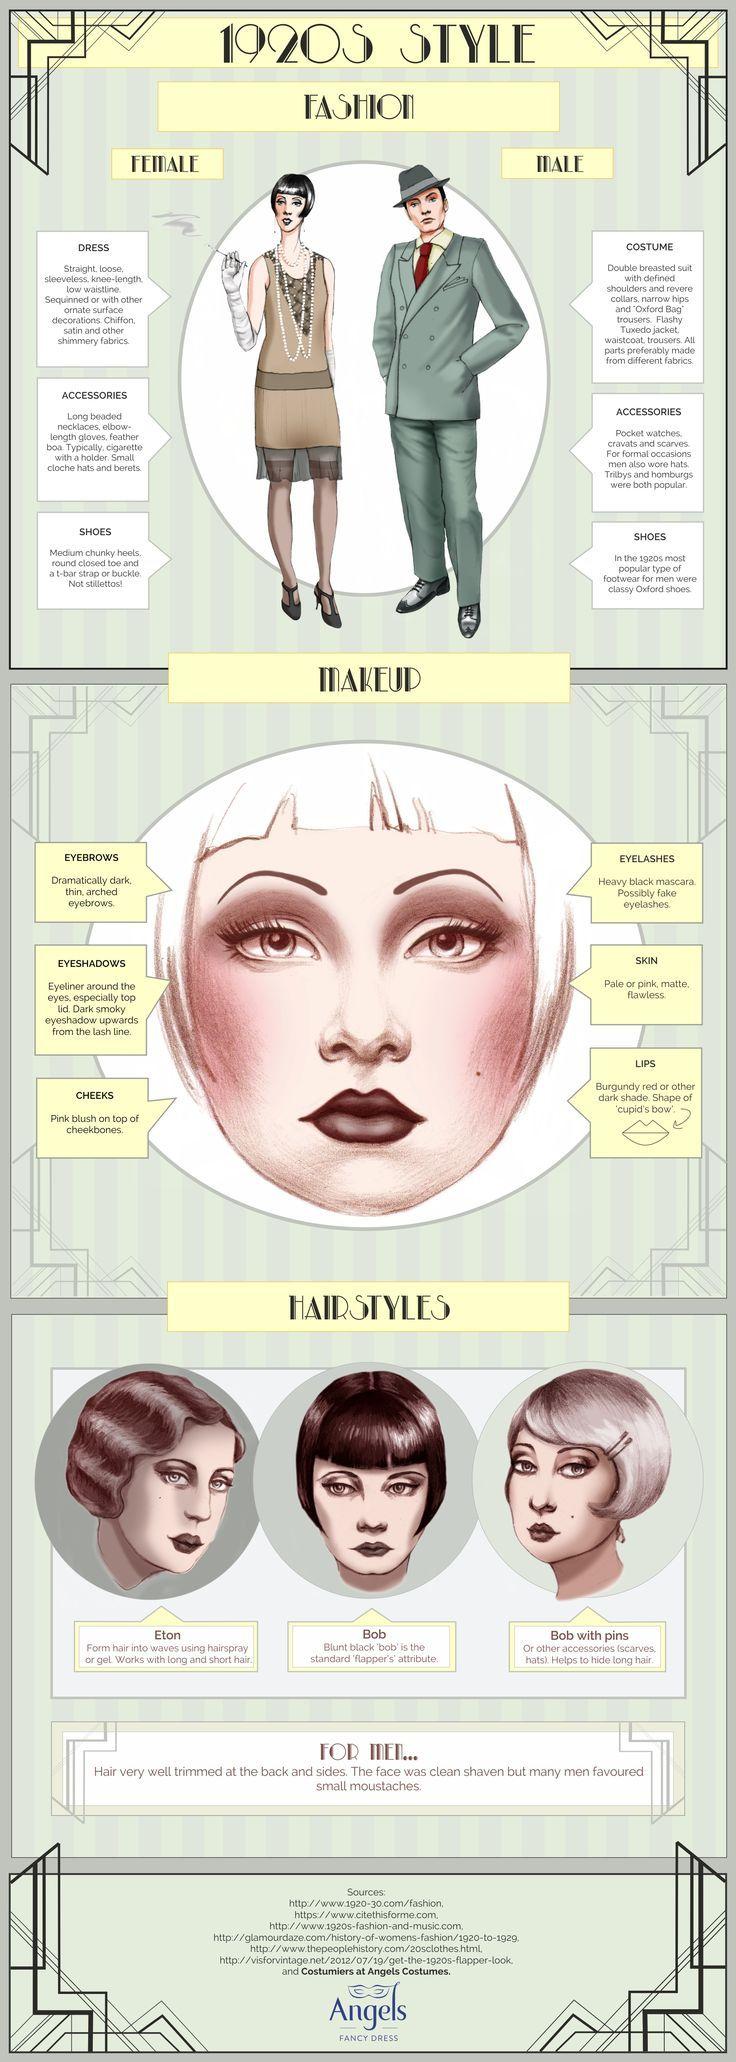 Fashion infographic : Década de 20. Melhor década. More #fancydress